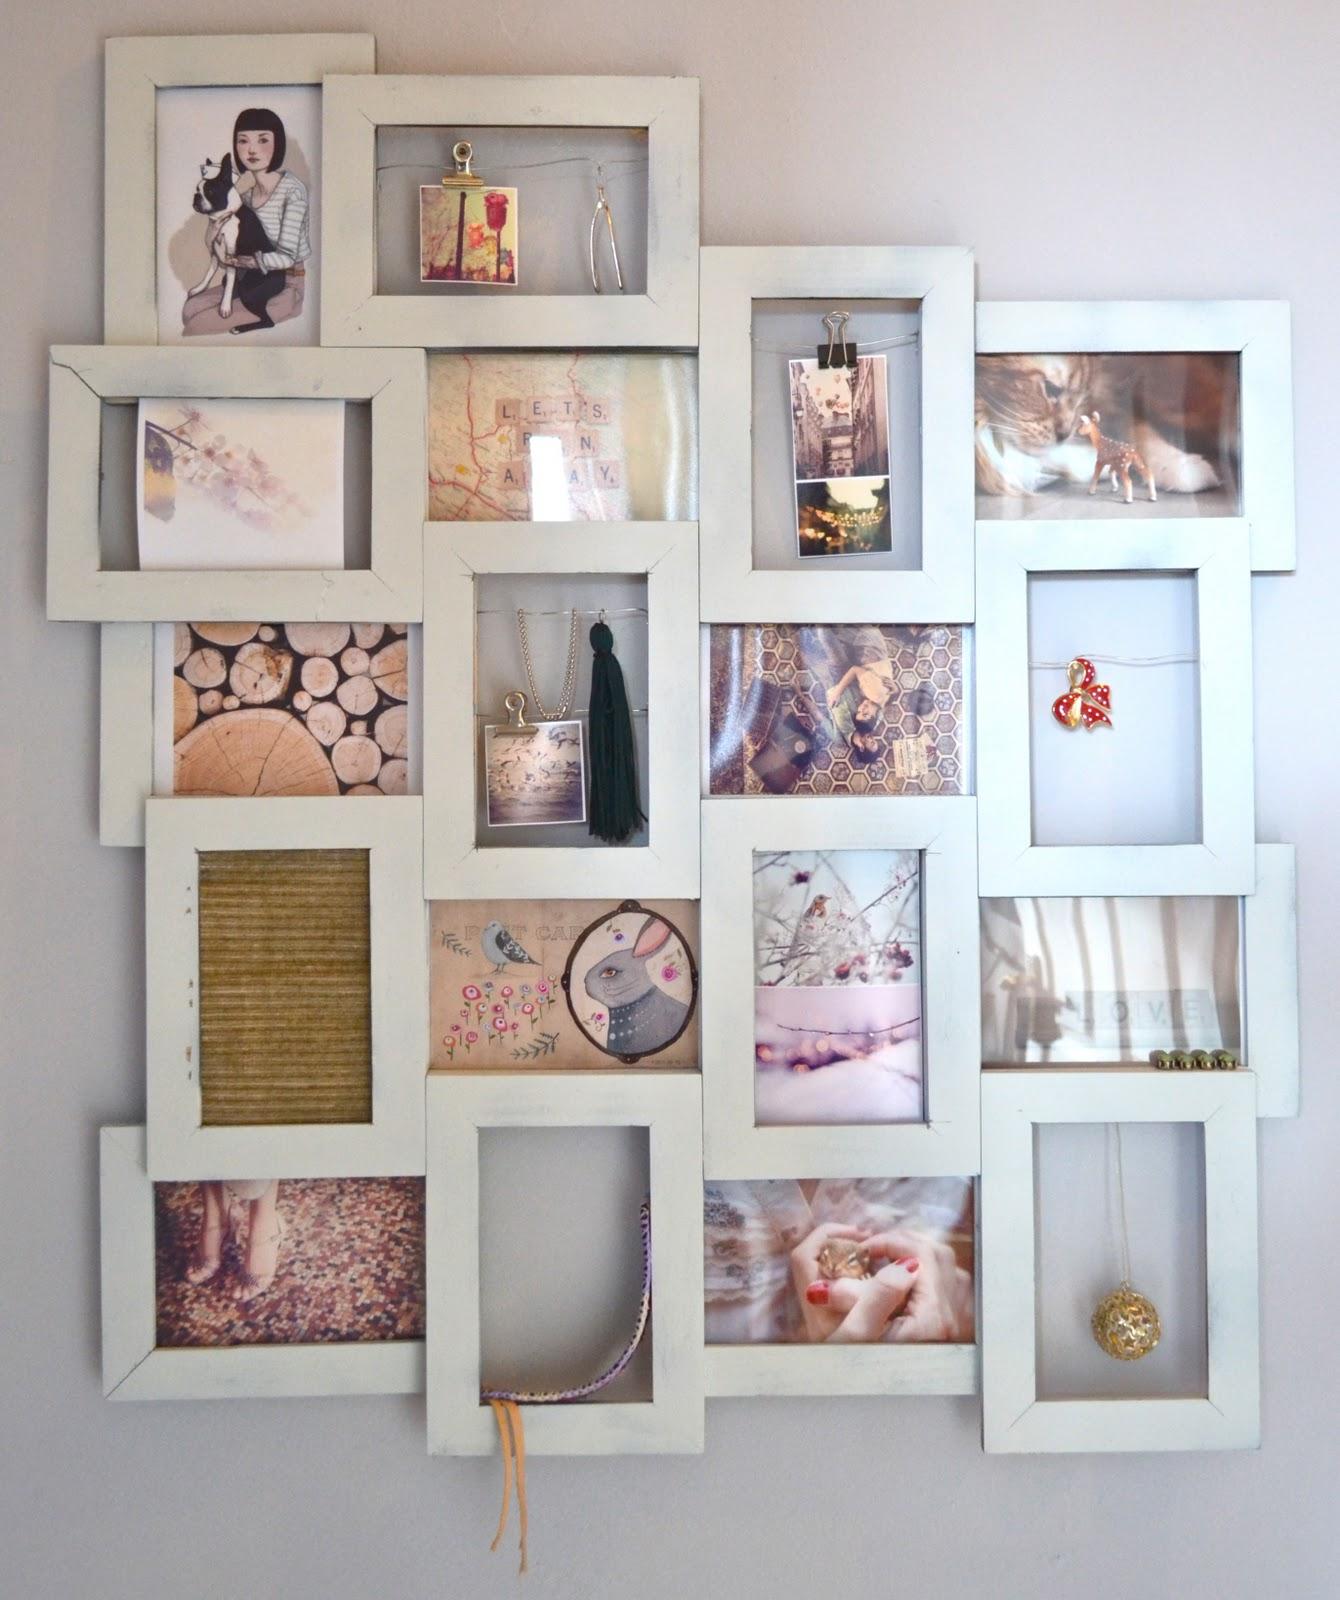 diy frame collage. Black Bedroom Furniture Sets. Home Design Ideas